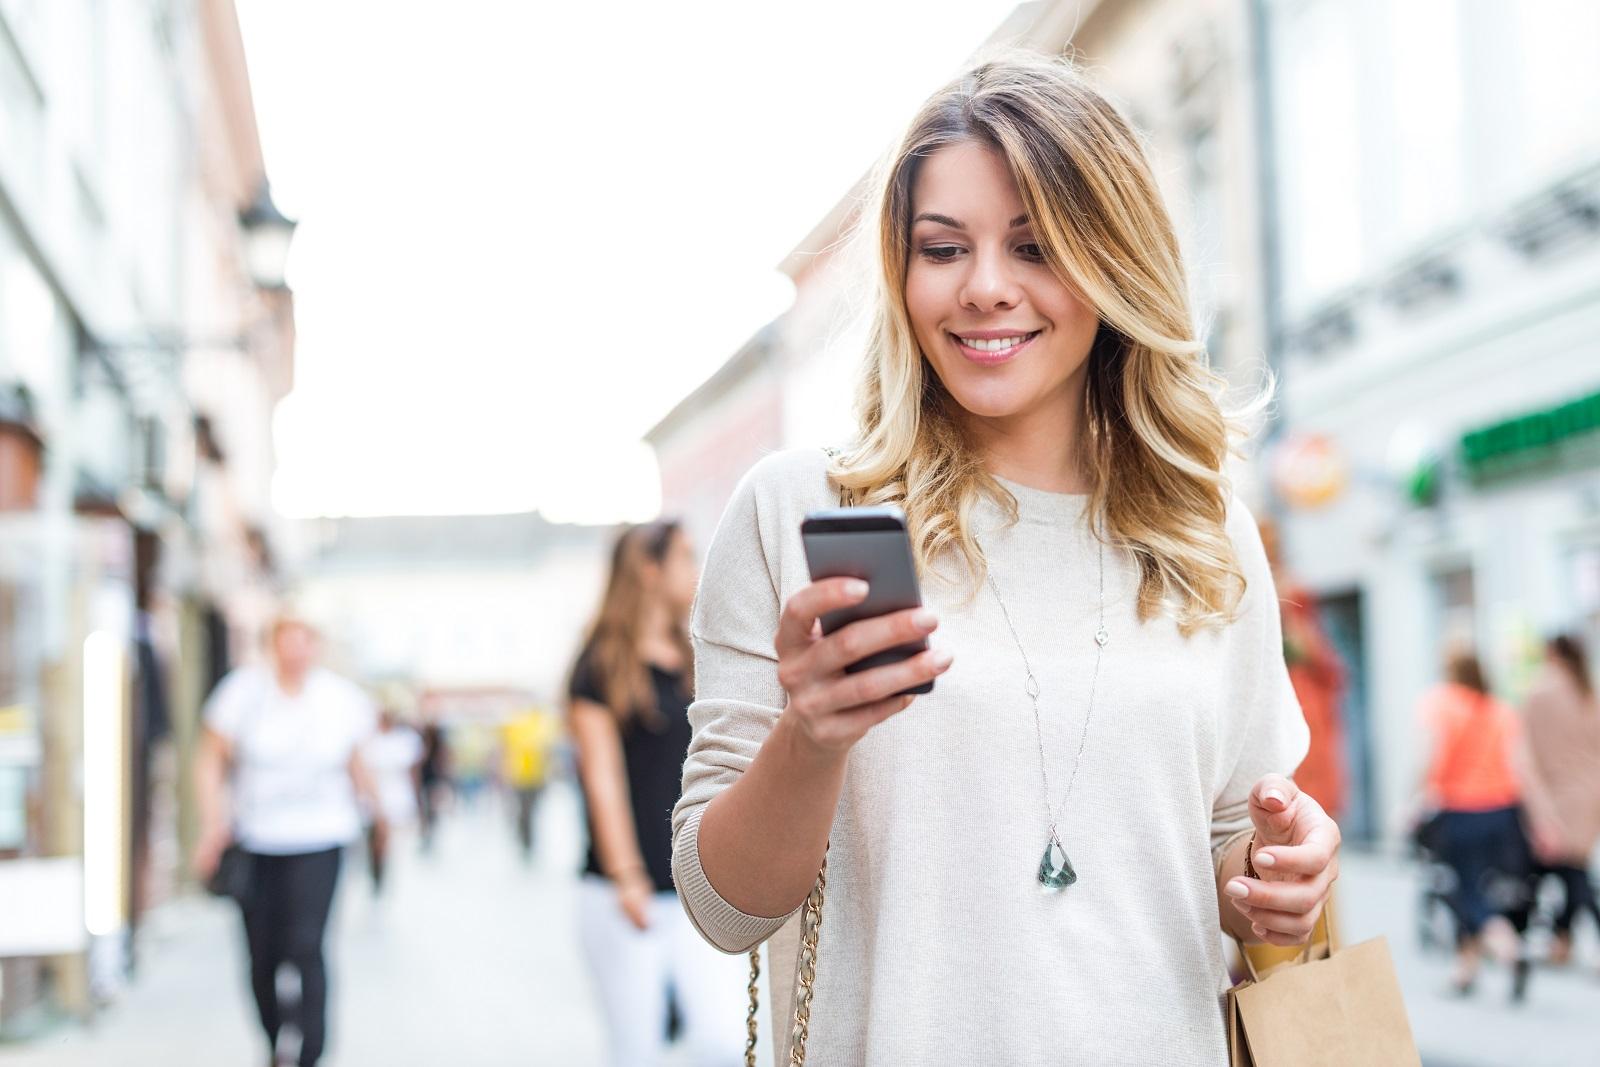 trangtin247.com - Cùng tìm hiểu về gói cước FB30 của Mobifone